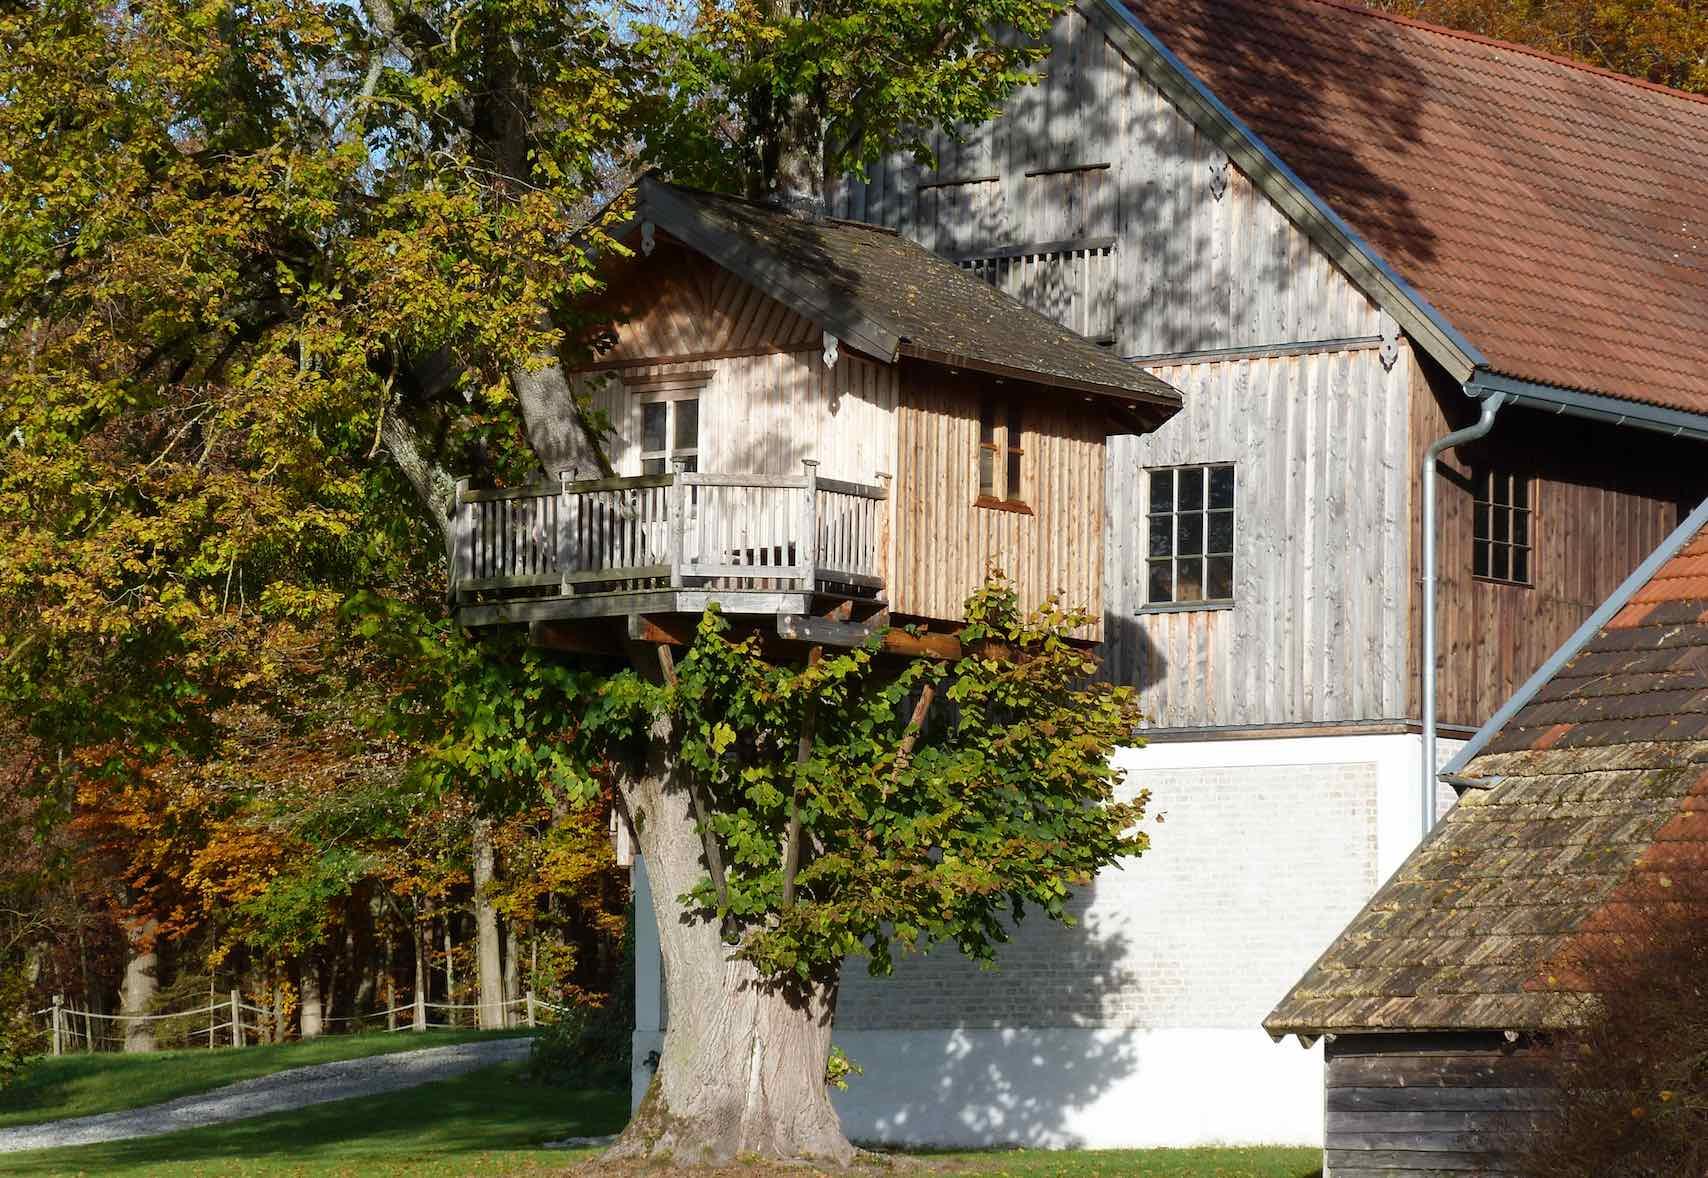 Baumhaus in Bayern, Sommer